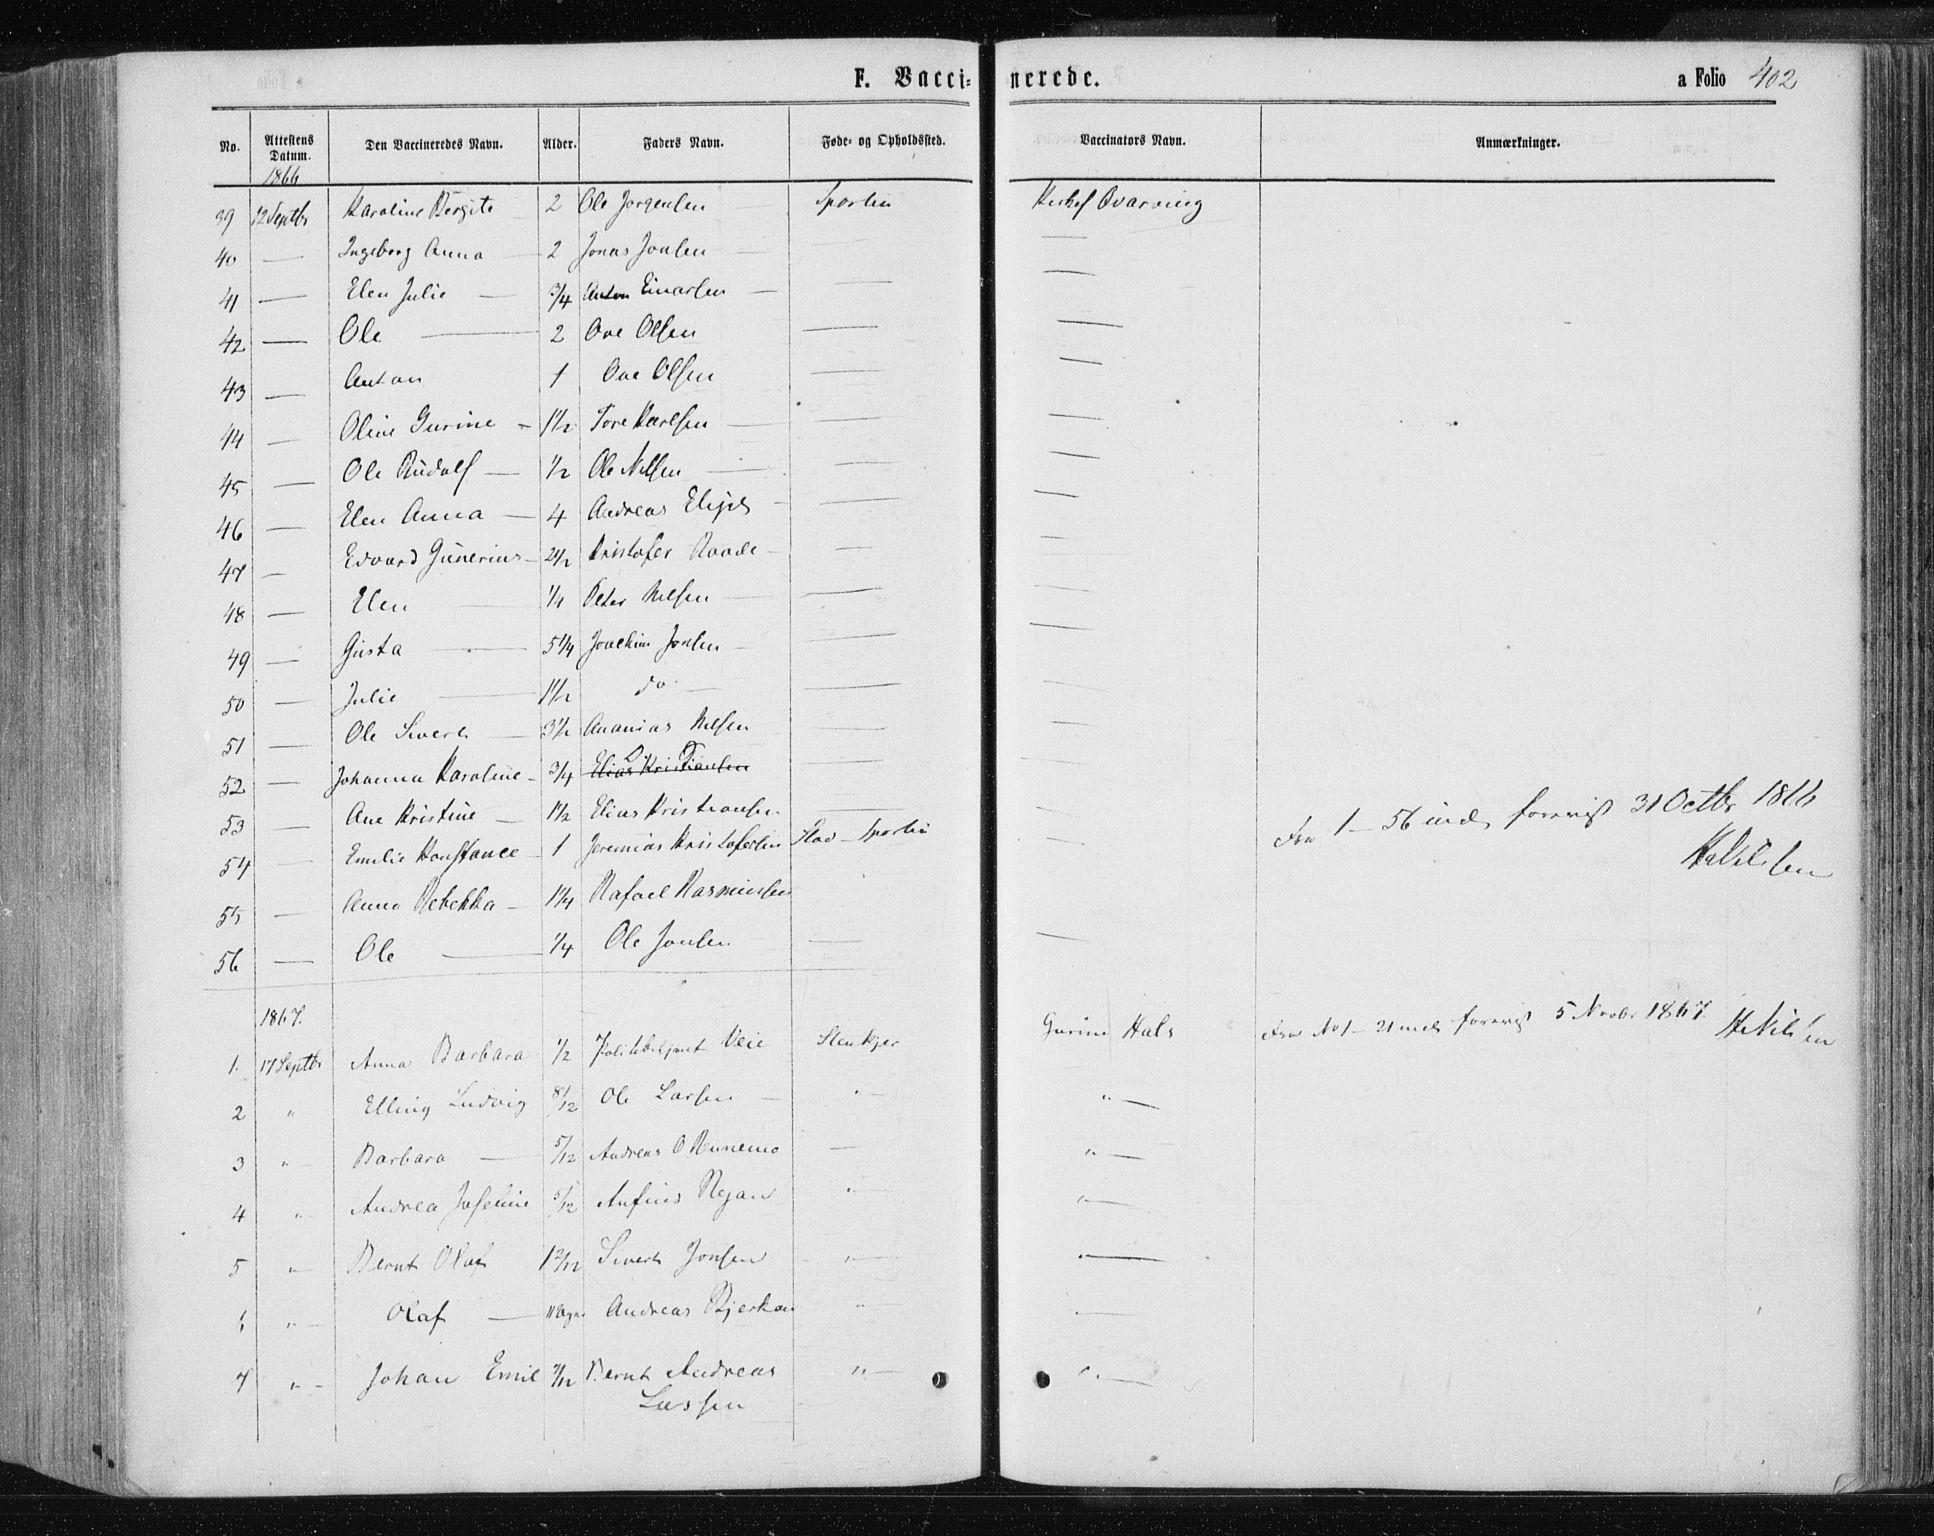 SAT, Ministerialprotokoller, klokkerbøker og fødselsregistre - Nord-Trøndelag, 735/L0345: Ministerialbok nr. 735A08 /1, 1863-1872, s. 402